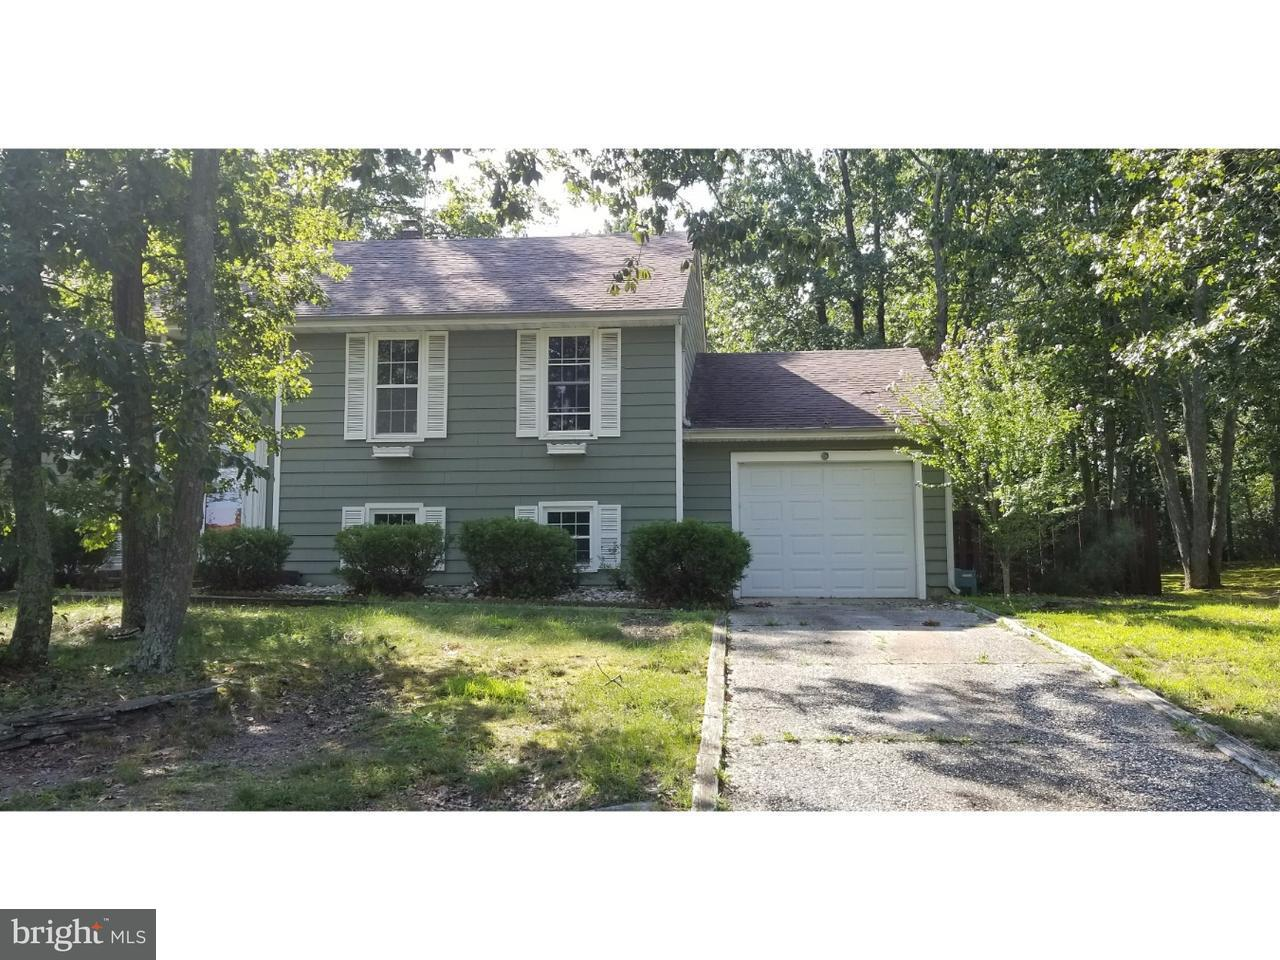 Maison unifamiliale pour l Vente à 66 CLARIDGE Drive Jackson Township, New Jersey 08527 États-Unis